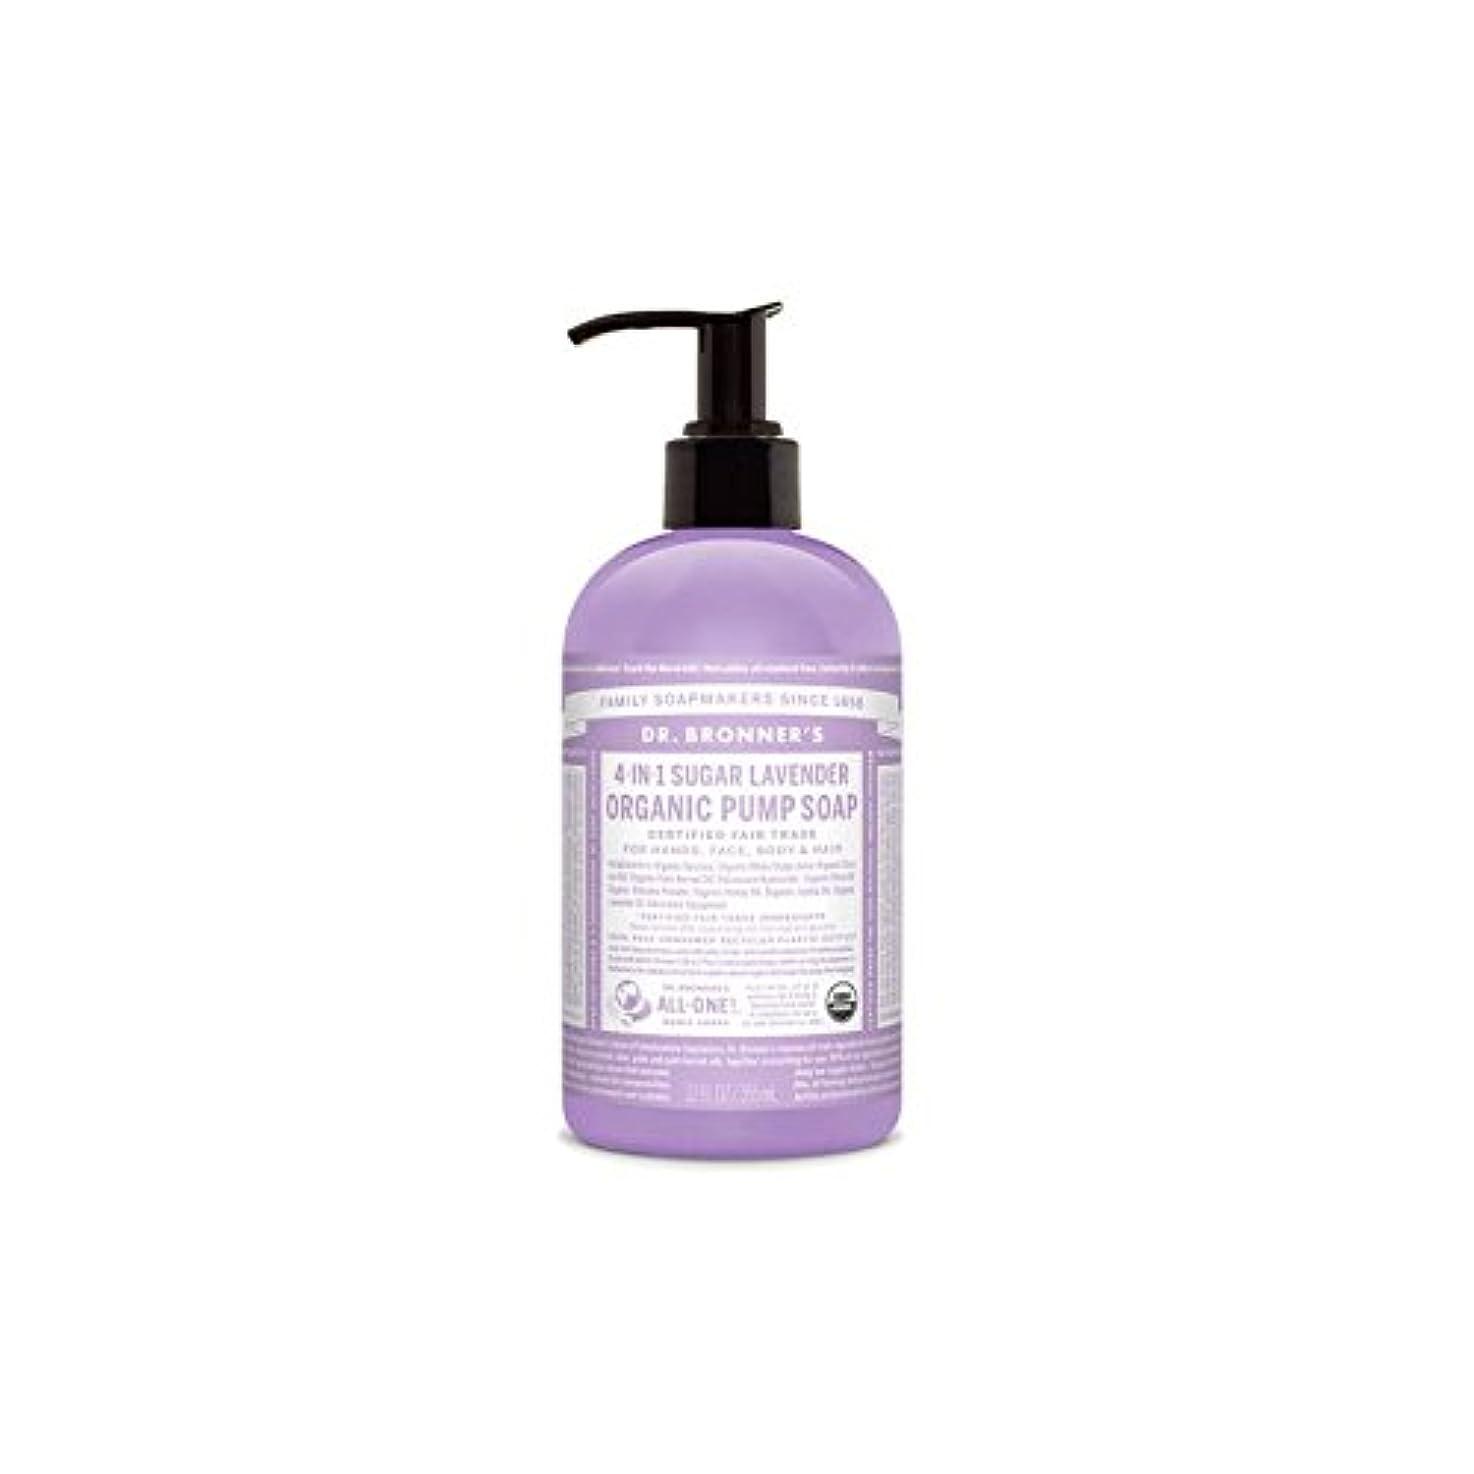 作曲家お酒妊娠したブロナー有機ラベンダーハンドソープ(355ミリリットル) x2 - Dr. Bronner Organic Shikakai Lavender Hand Soap (355ml) (Pack of 2) [並行輸入品]